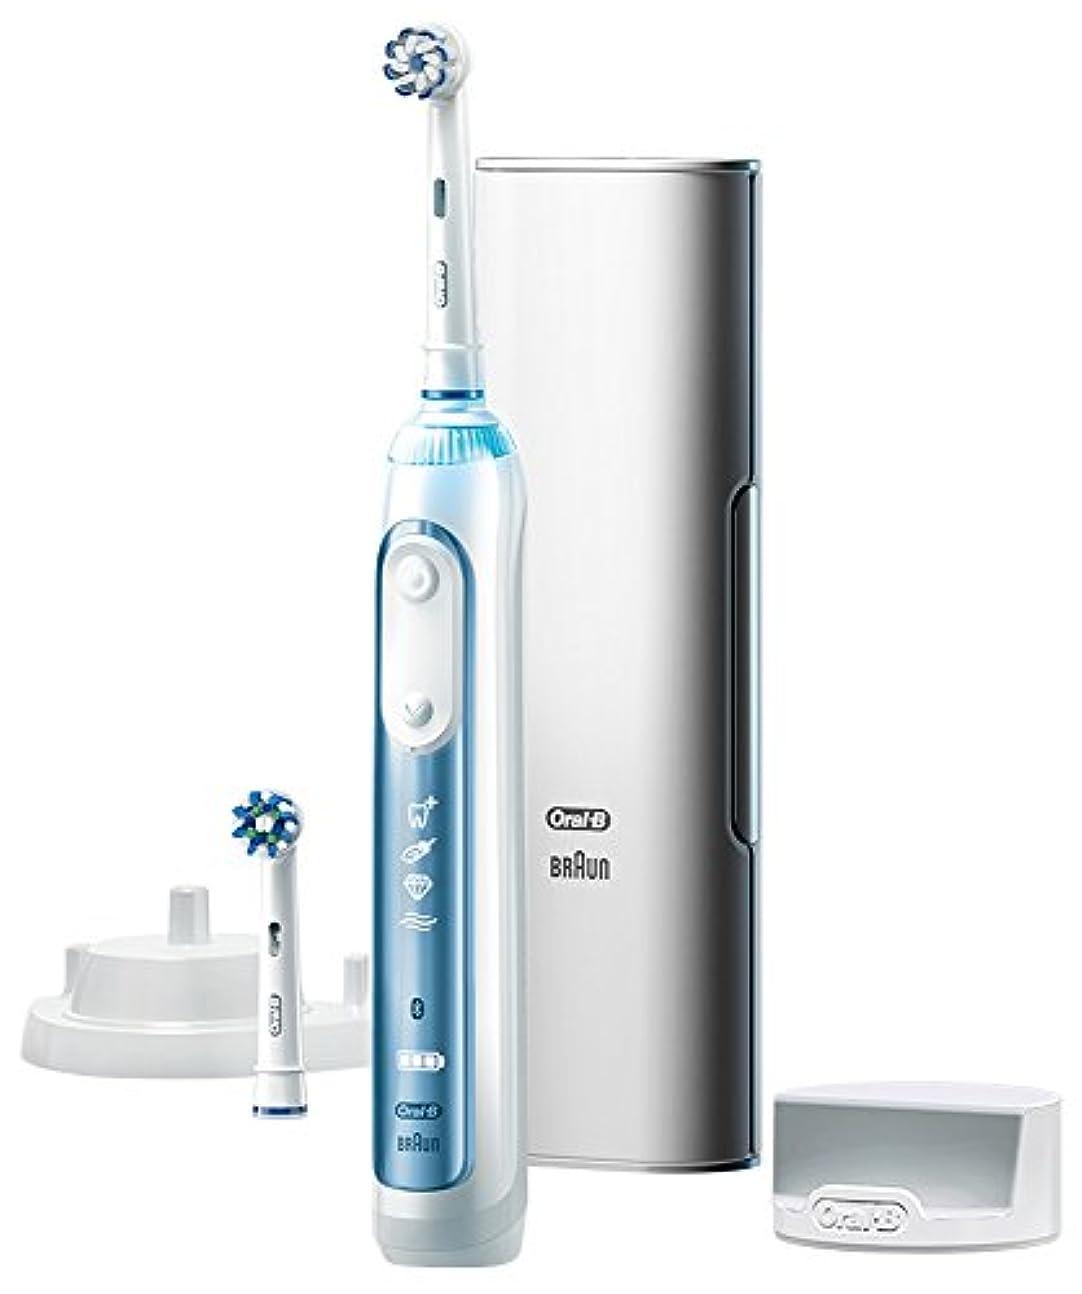 ステープル露出度の高いブースブラウン オーラルB 電動歯ブラシ スマート7000 D7005245XP D7005245XP